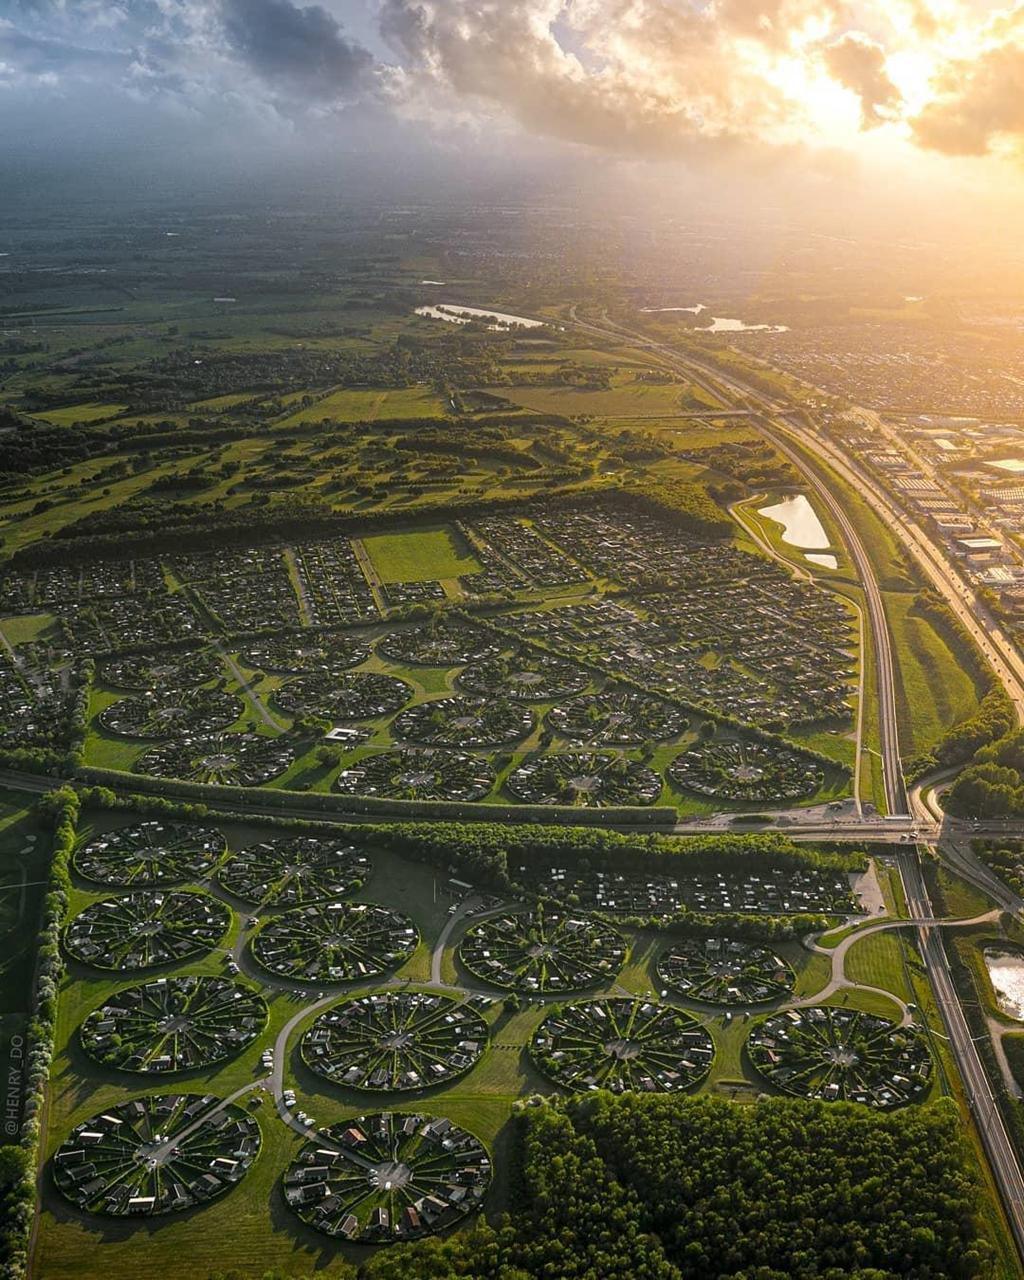 Khám phá 'nền văn minh ngoài hành tinh' ở thủ đô Đan Mạch Ảnh 3